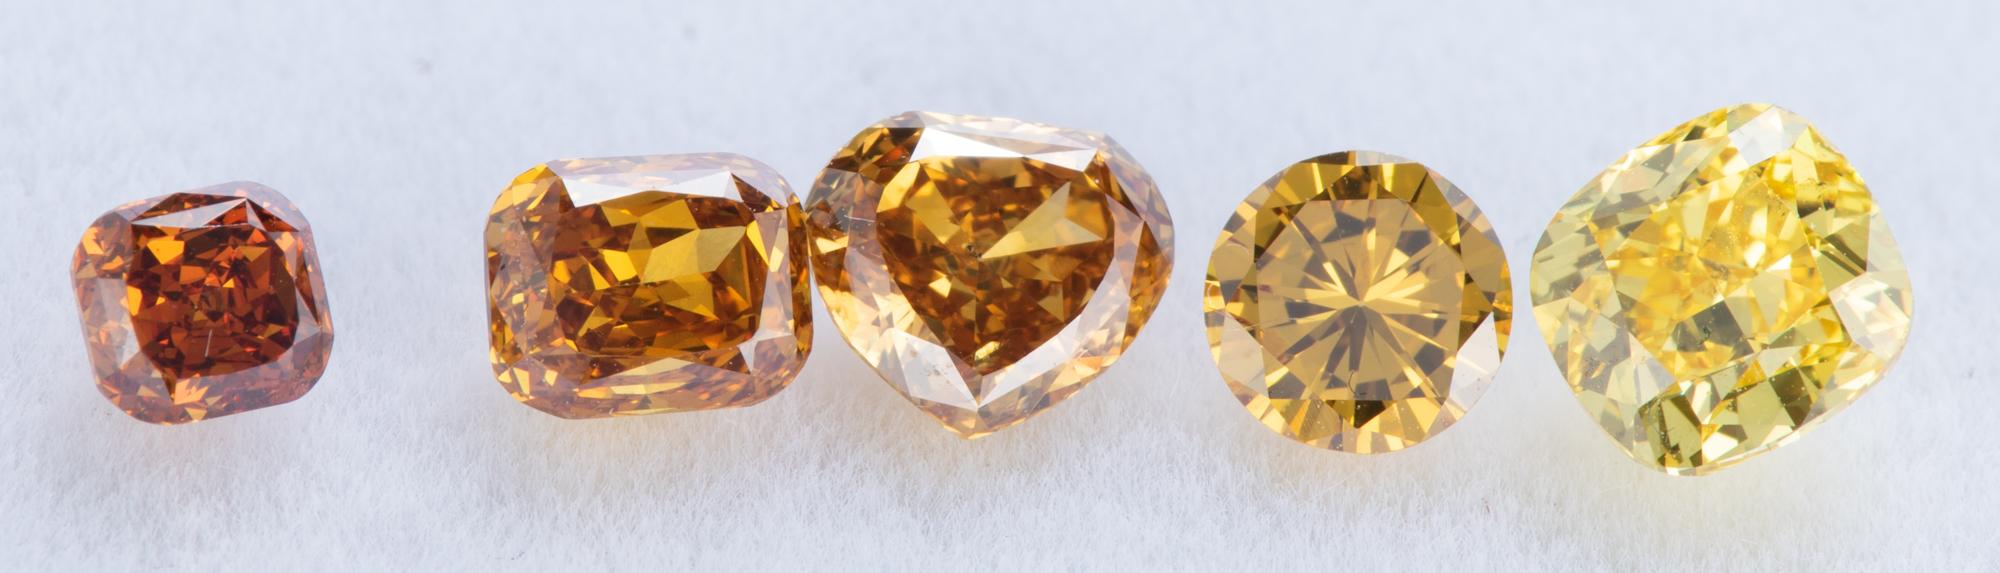 ファンシーカラーダイヤモンドグラデーション写真イエロウィッシュオレンジからビビッドイエローまで フェイスアップ